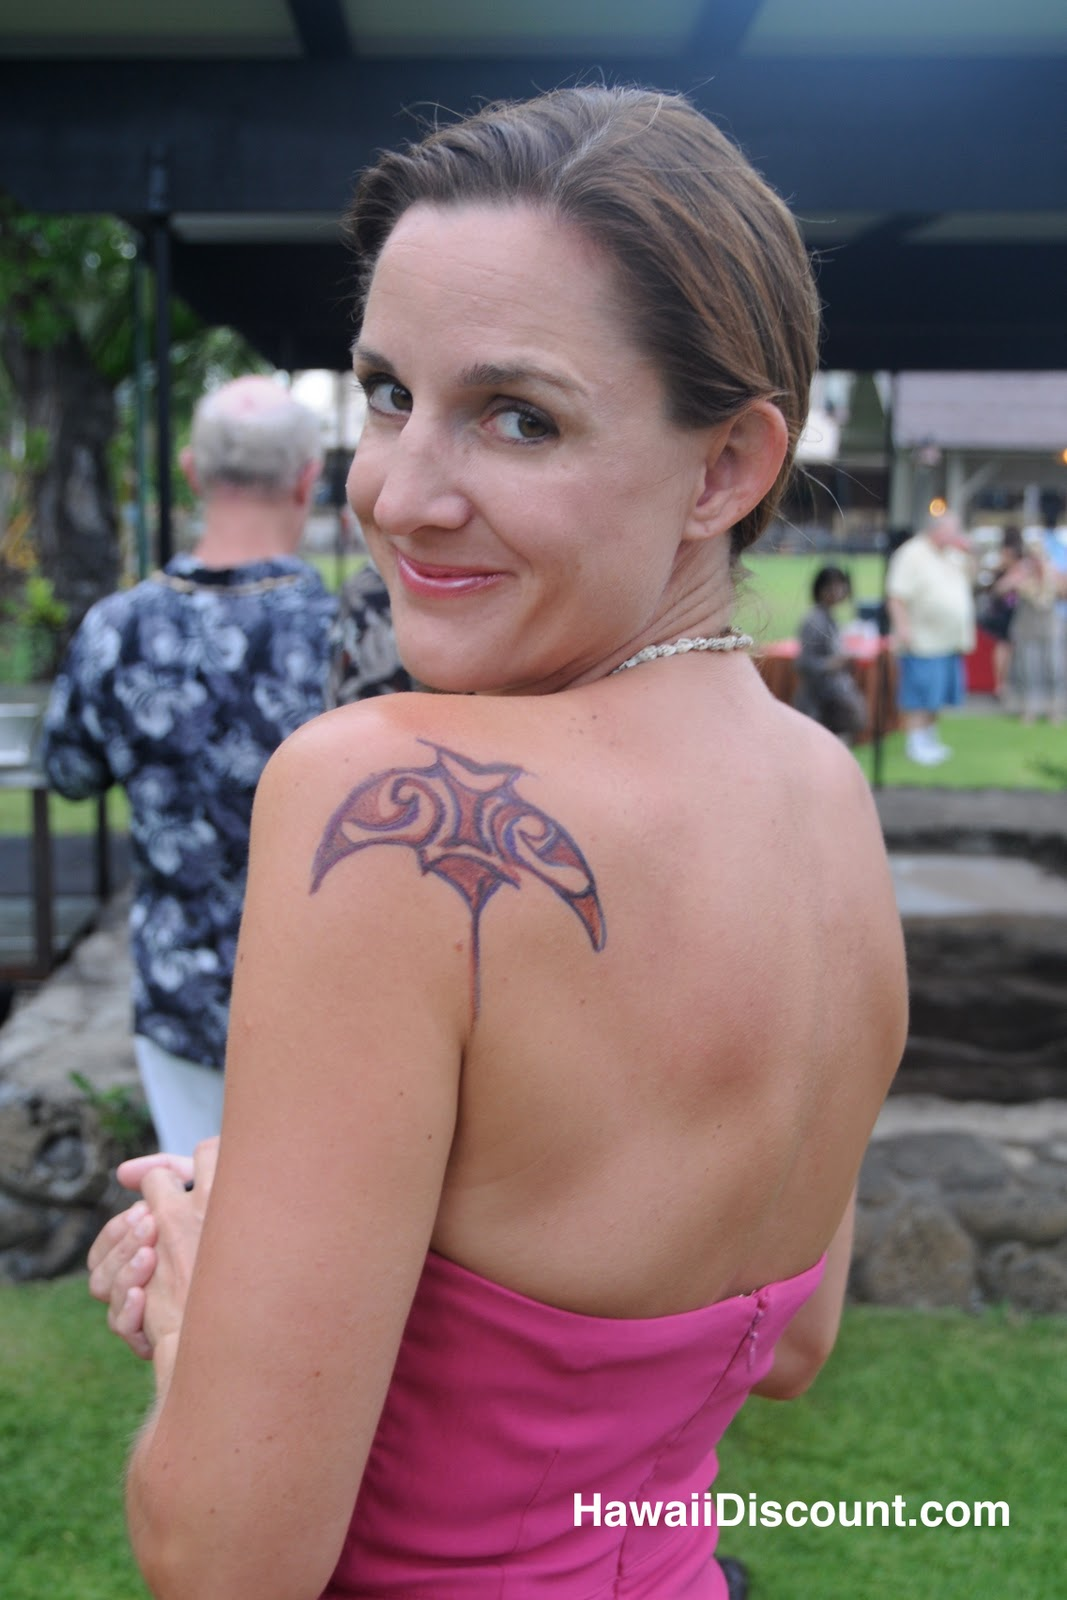 Manta Ray Tattoos